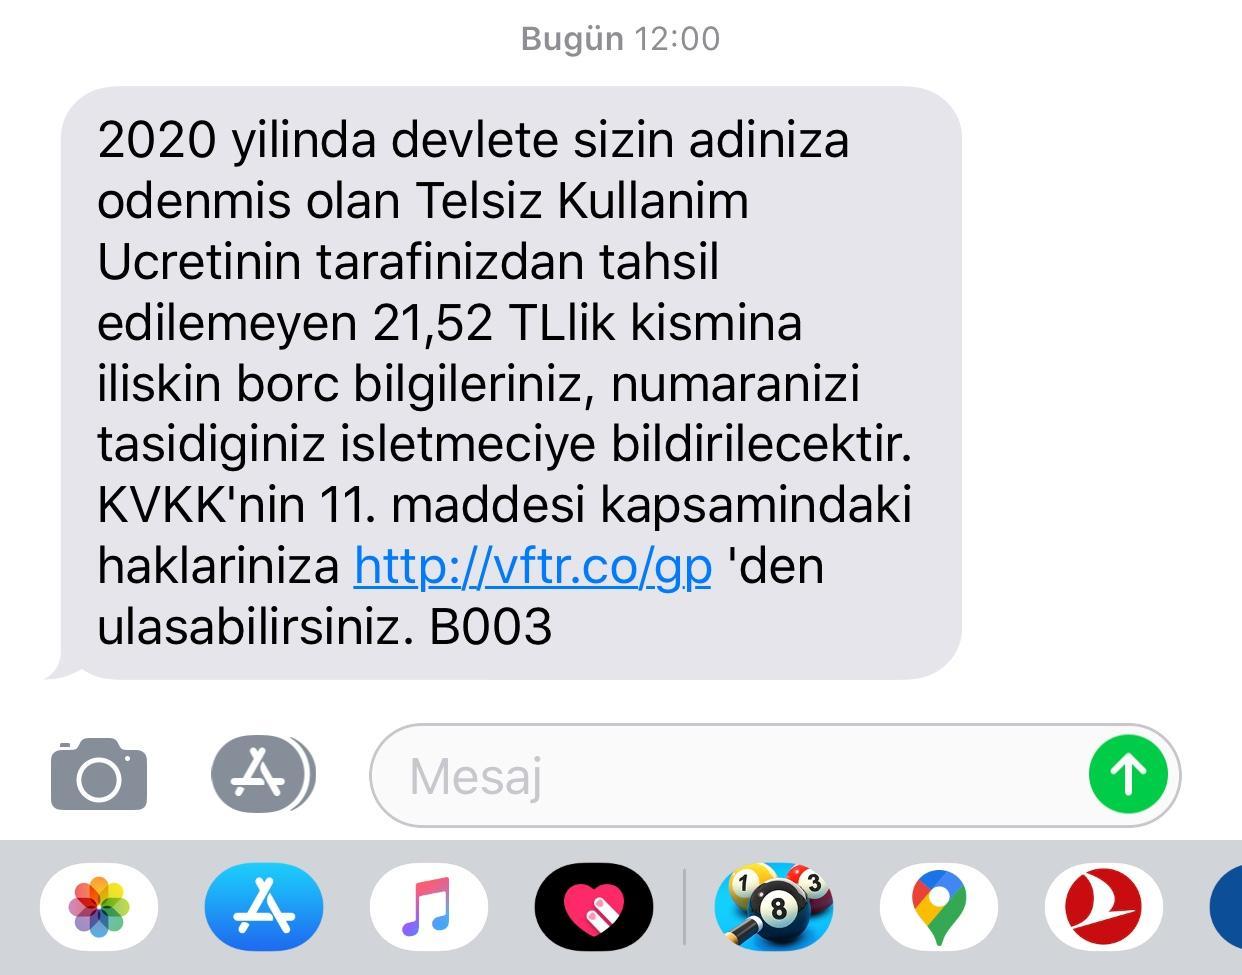 Vodafone Telsiz Kullanım Ücreti, Hat Taşıma - Şikayetvar